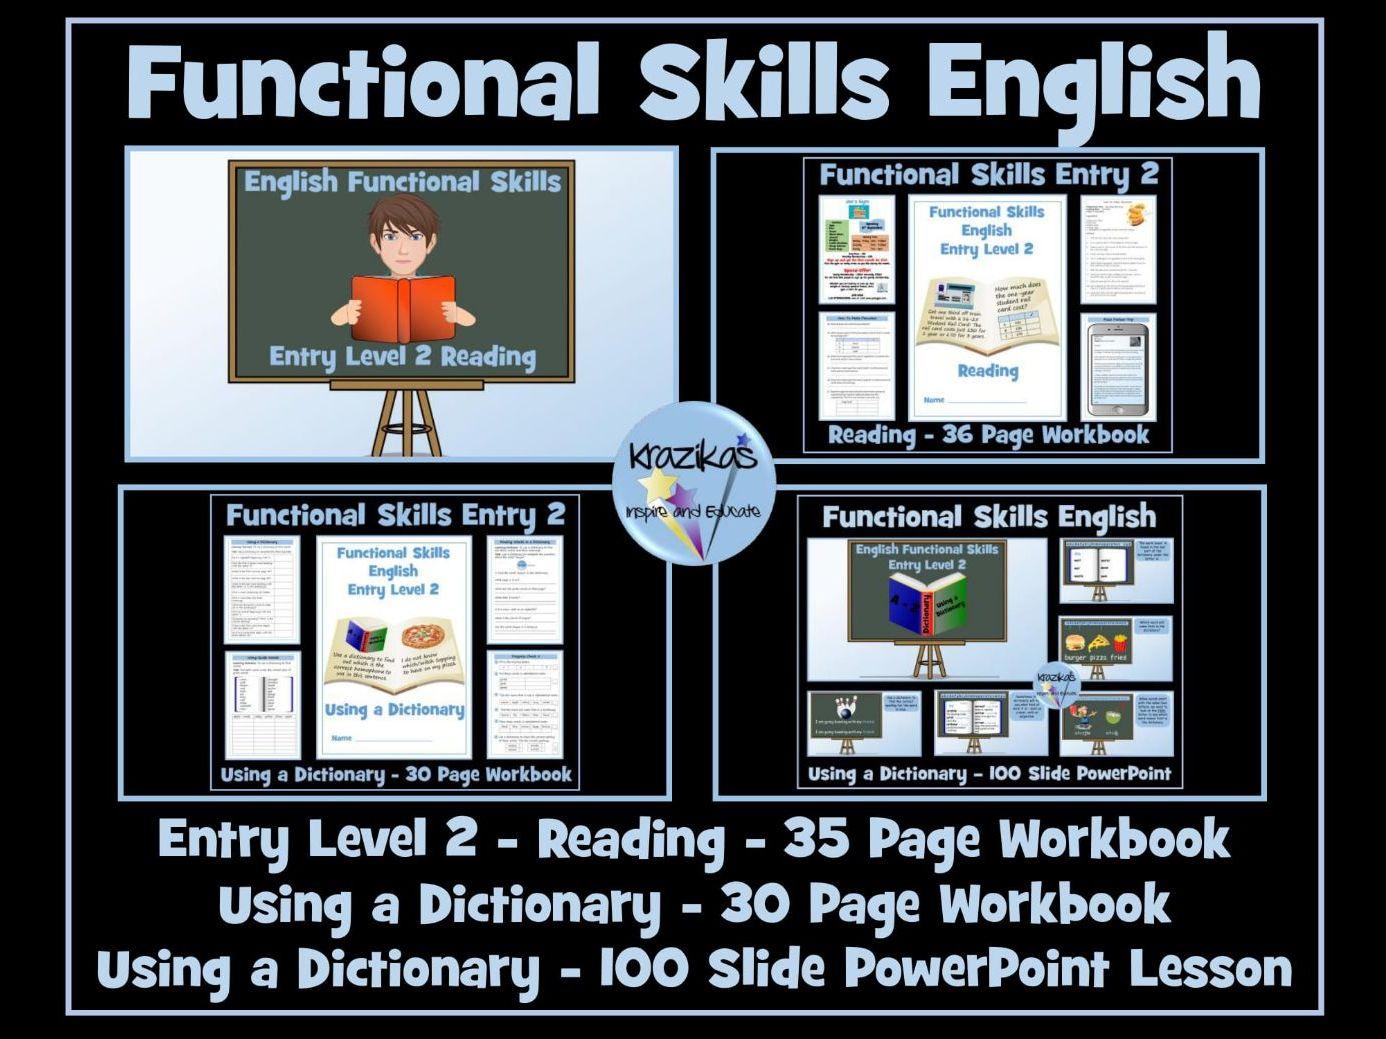 English Functional Skills - Entry Level 2 - Reading Bundle